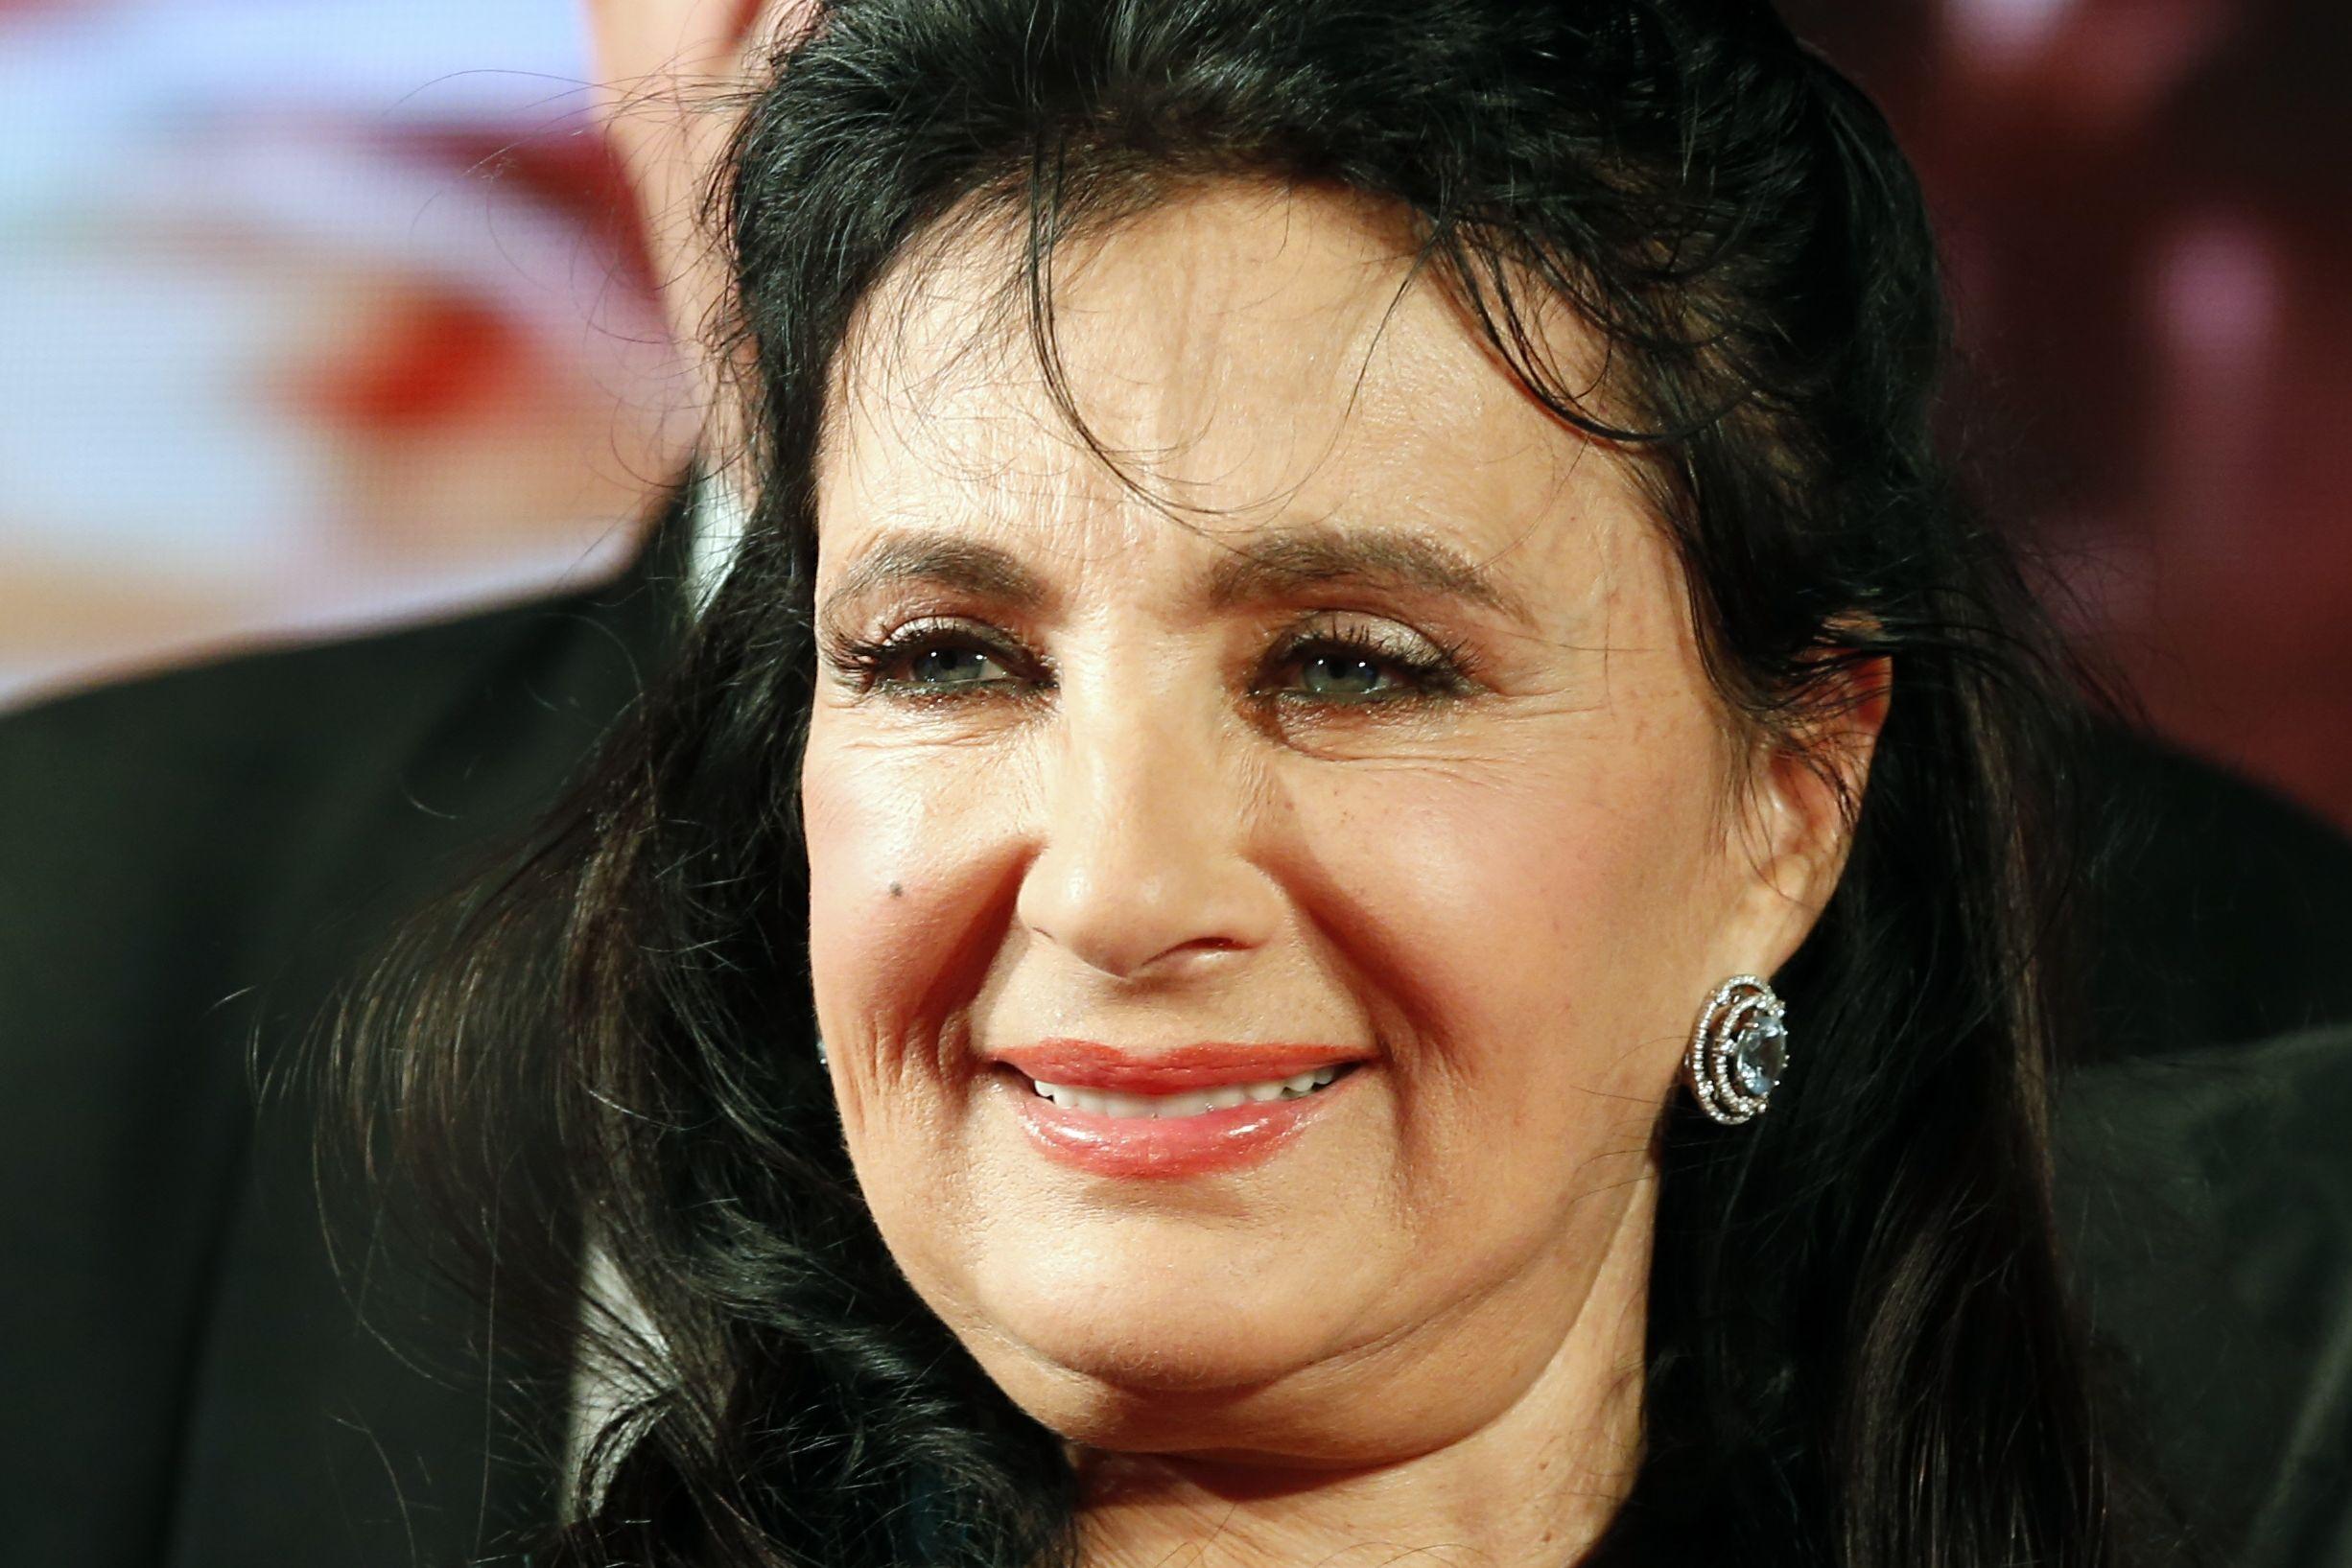 Винер-Усманова: 'Таких скандалов, как в фигурном катании, я у себя не допущу'